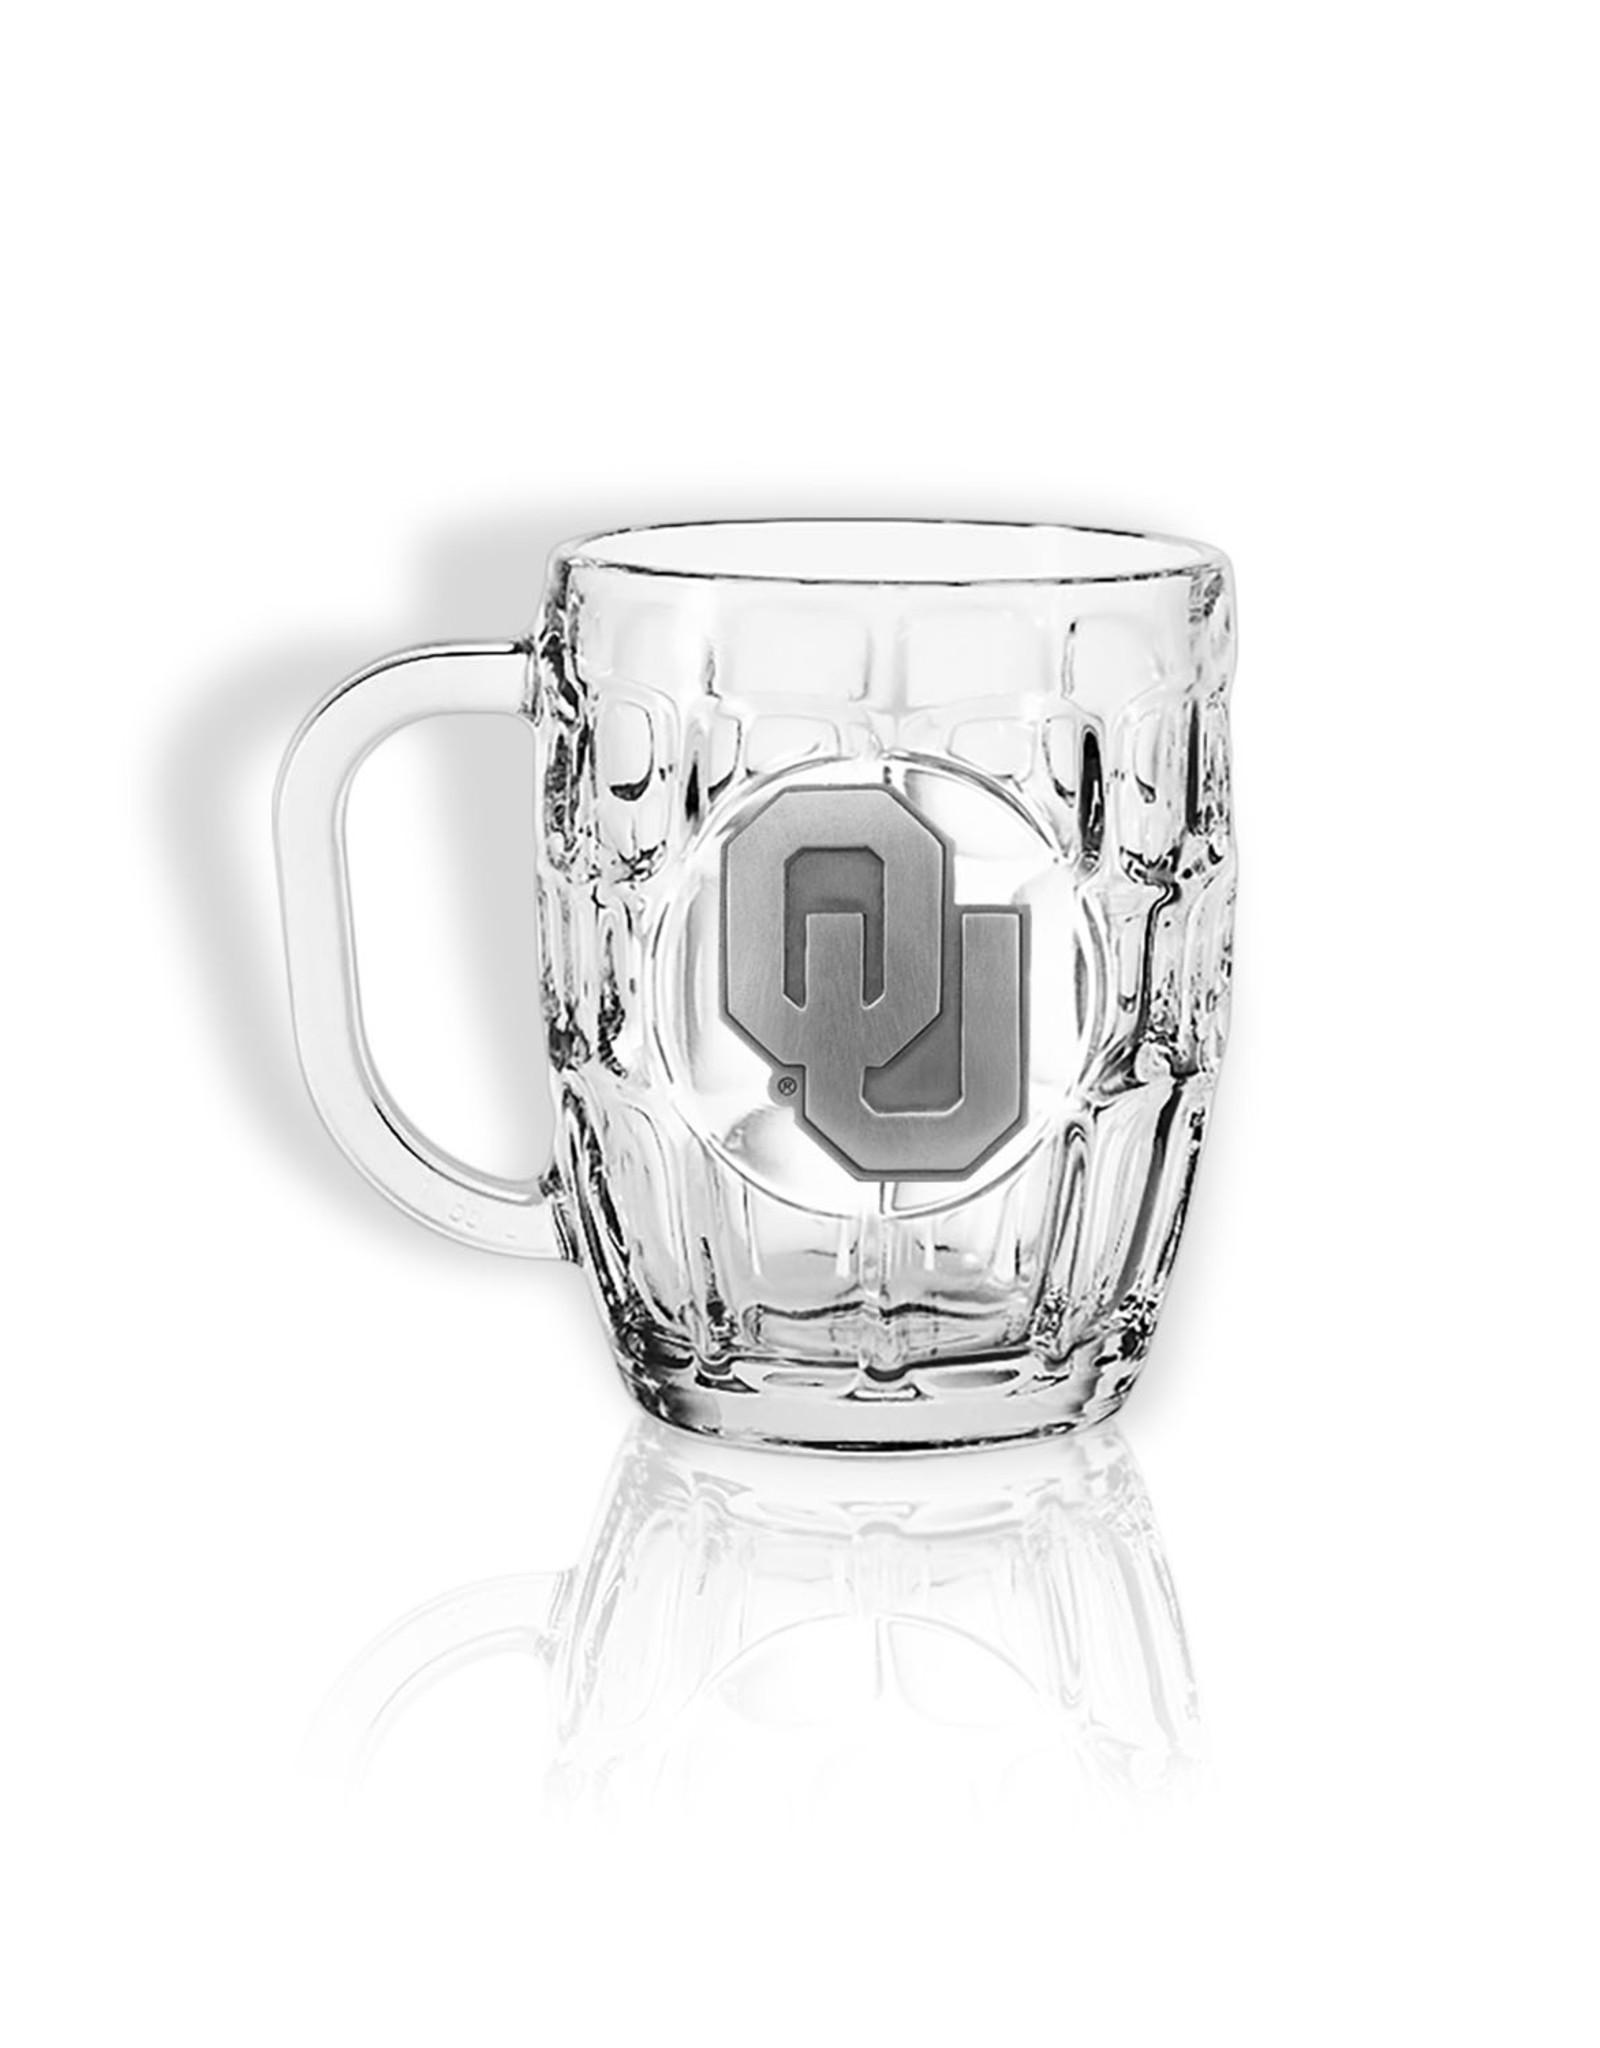 Jardine OU Dimpled Beer Mug w/ Pewter Emblem